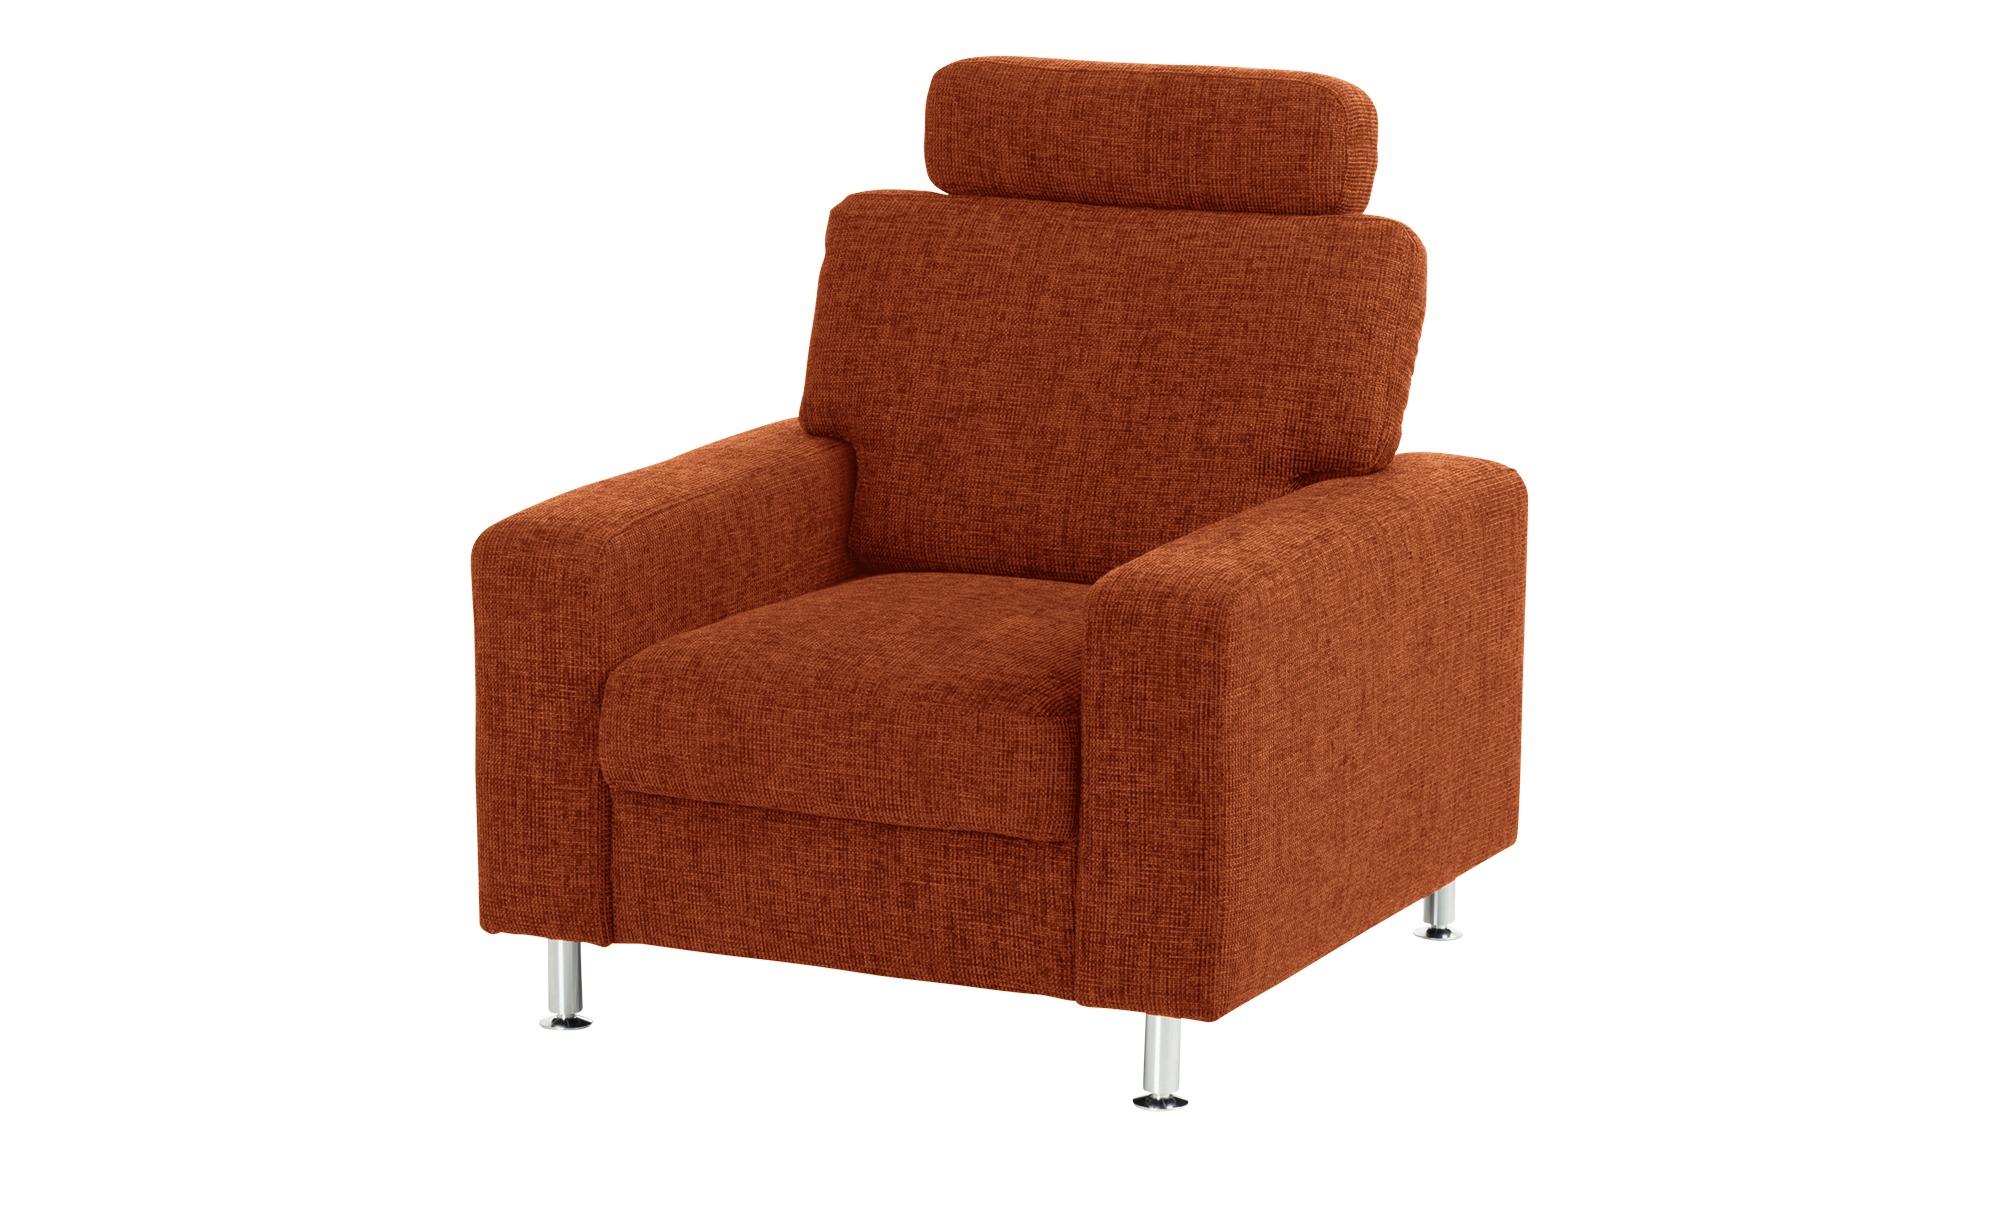 meinSofa Polstersessel   Jana ¦ orange ¦ Maße (cm): B: 88 H: 85 T: 95 Polstermöbel > Sessel > Polstersessel - Höffner